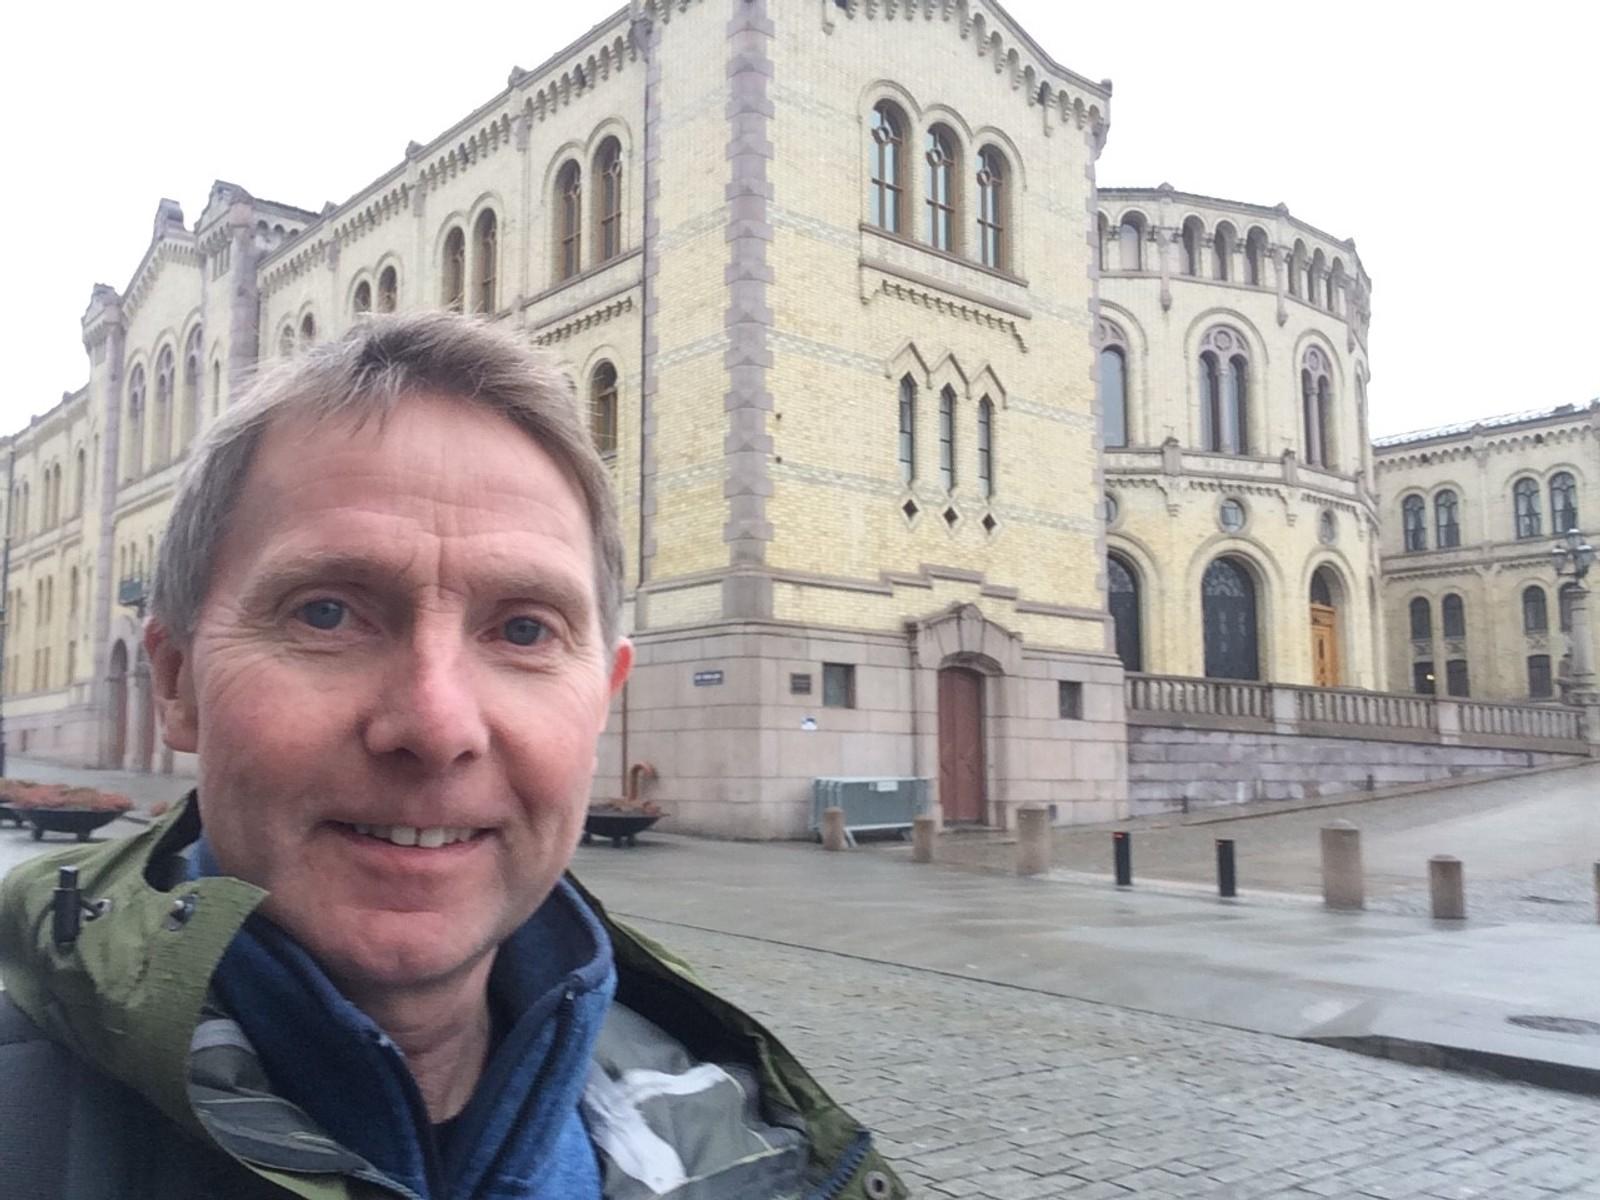 Hvis Jens Ingvald kommer på Stortinget vil han fortsette å være en vaktbikkje som avdekker og viser konsekvenser av ulike forslag.